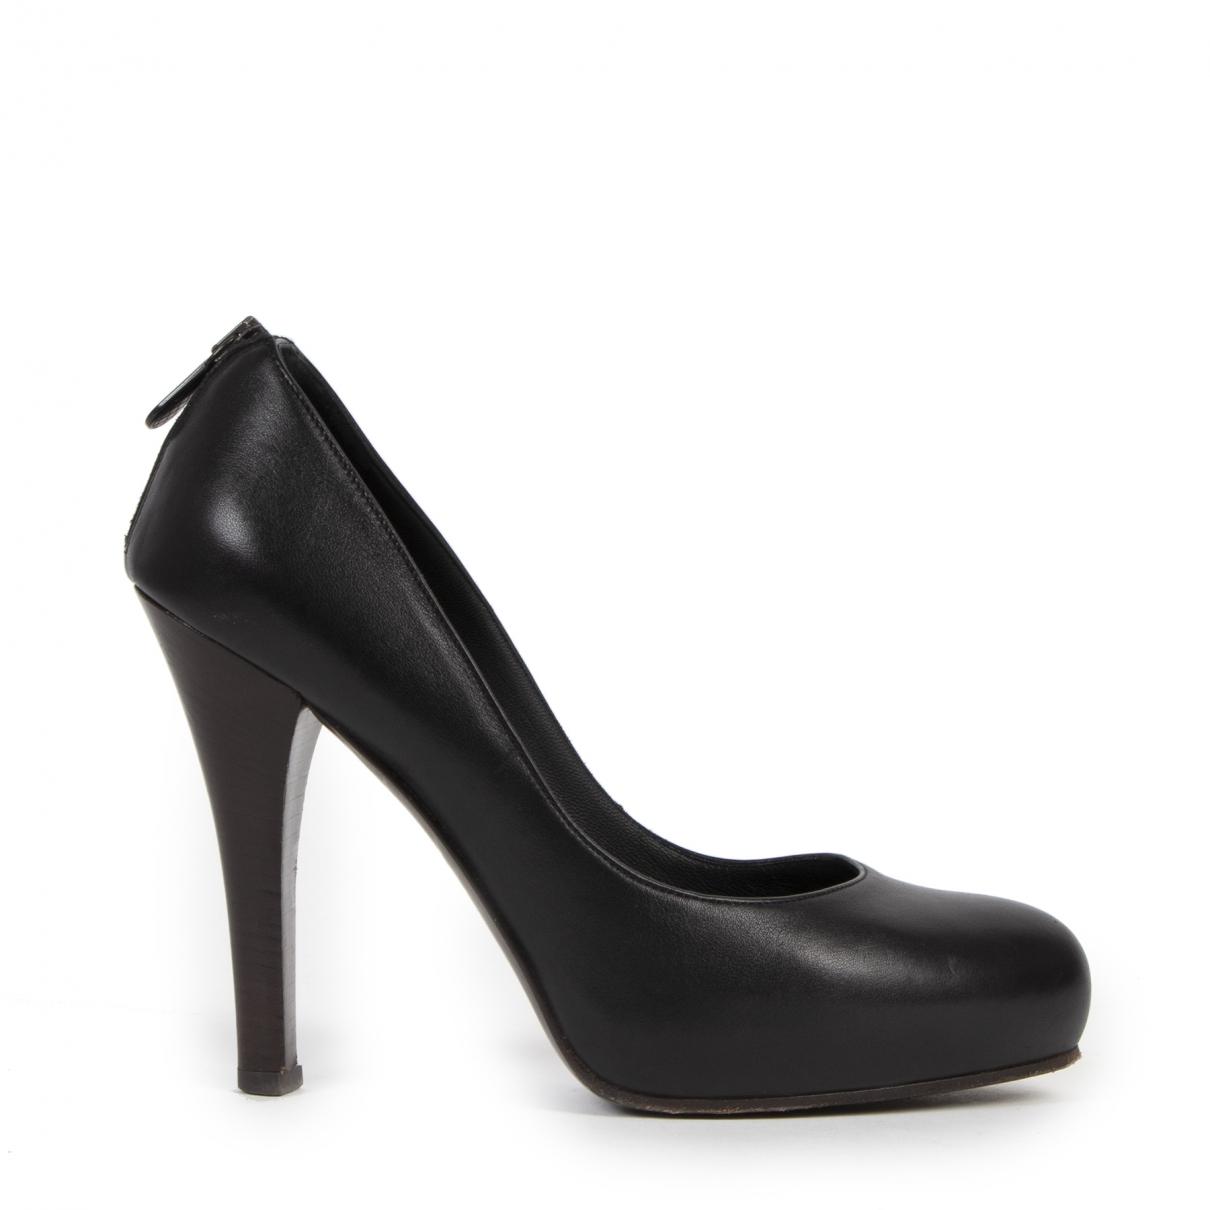 Bottega Veneta \N Black Leather Heels for Women 38 EU